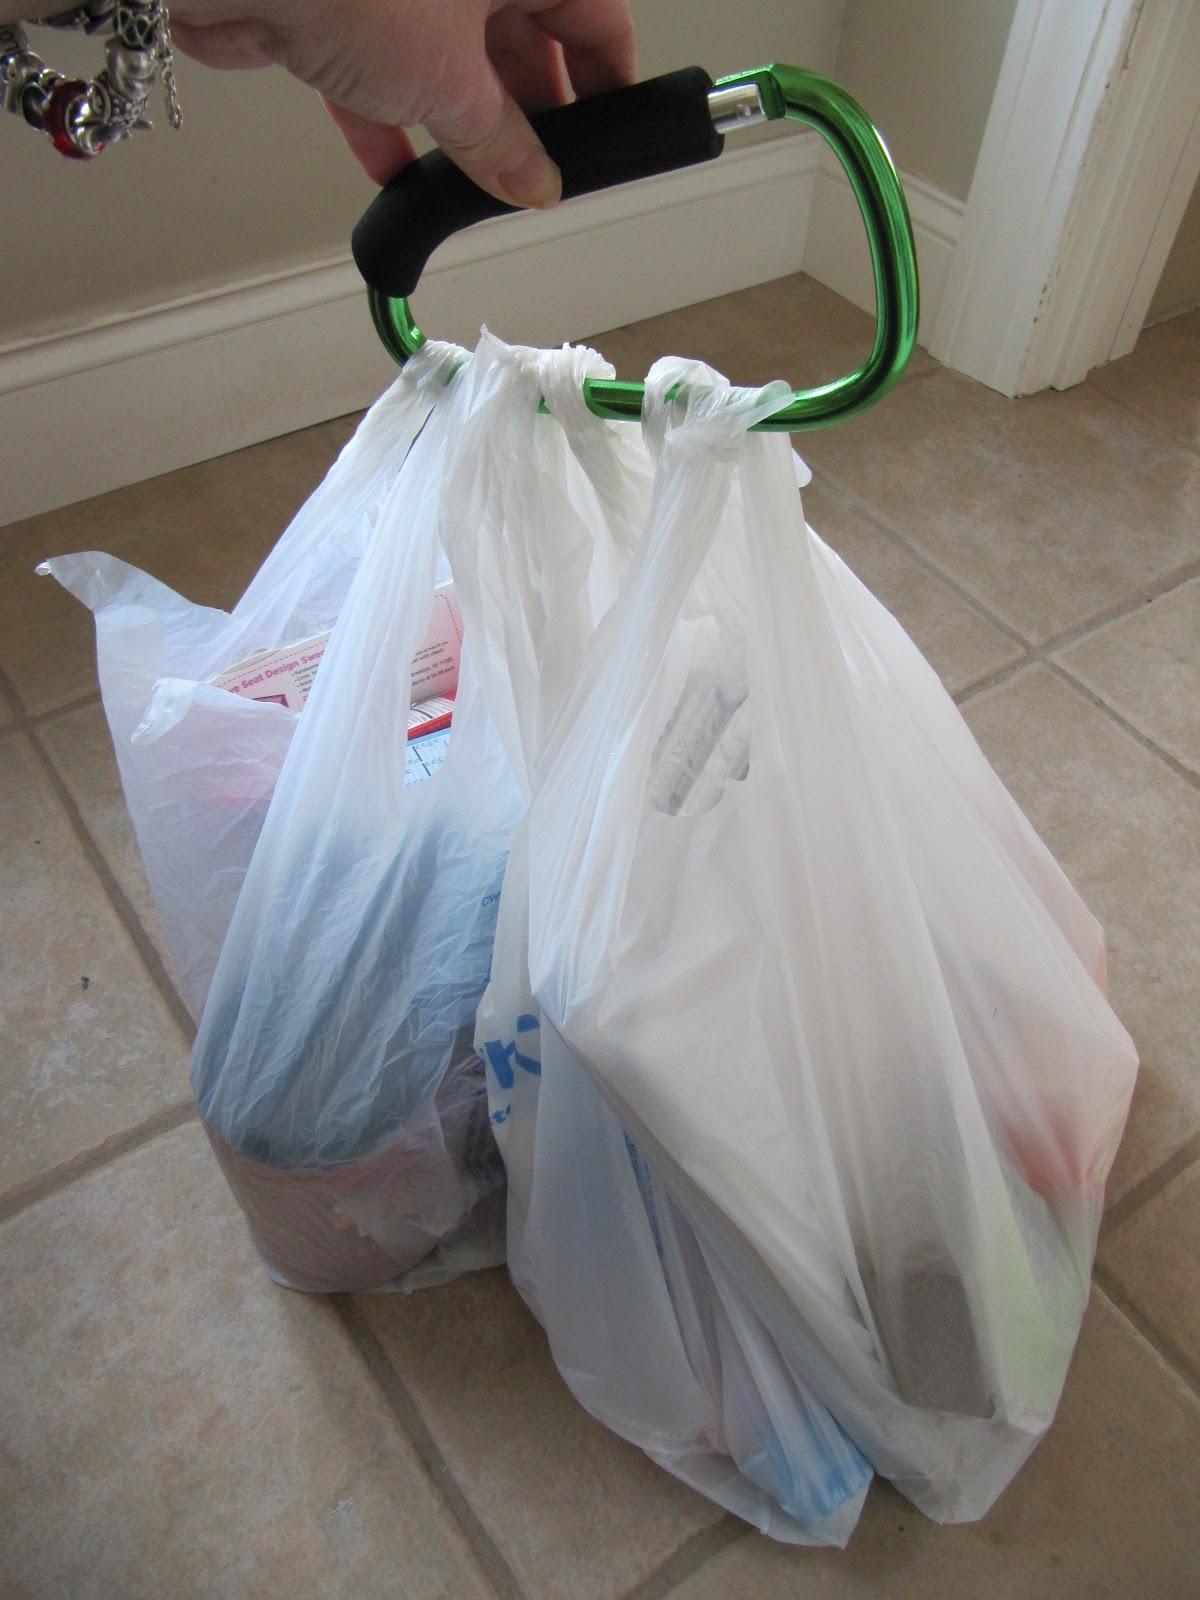 Carabiner Bag Holder